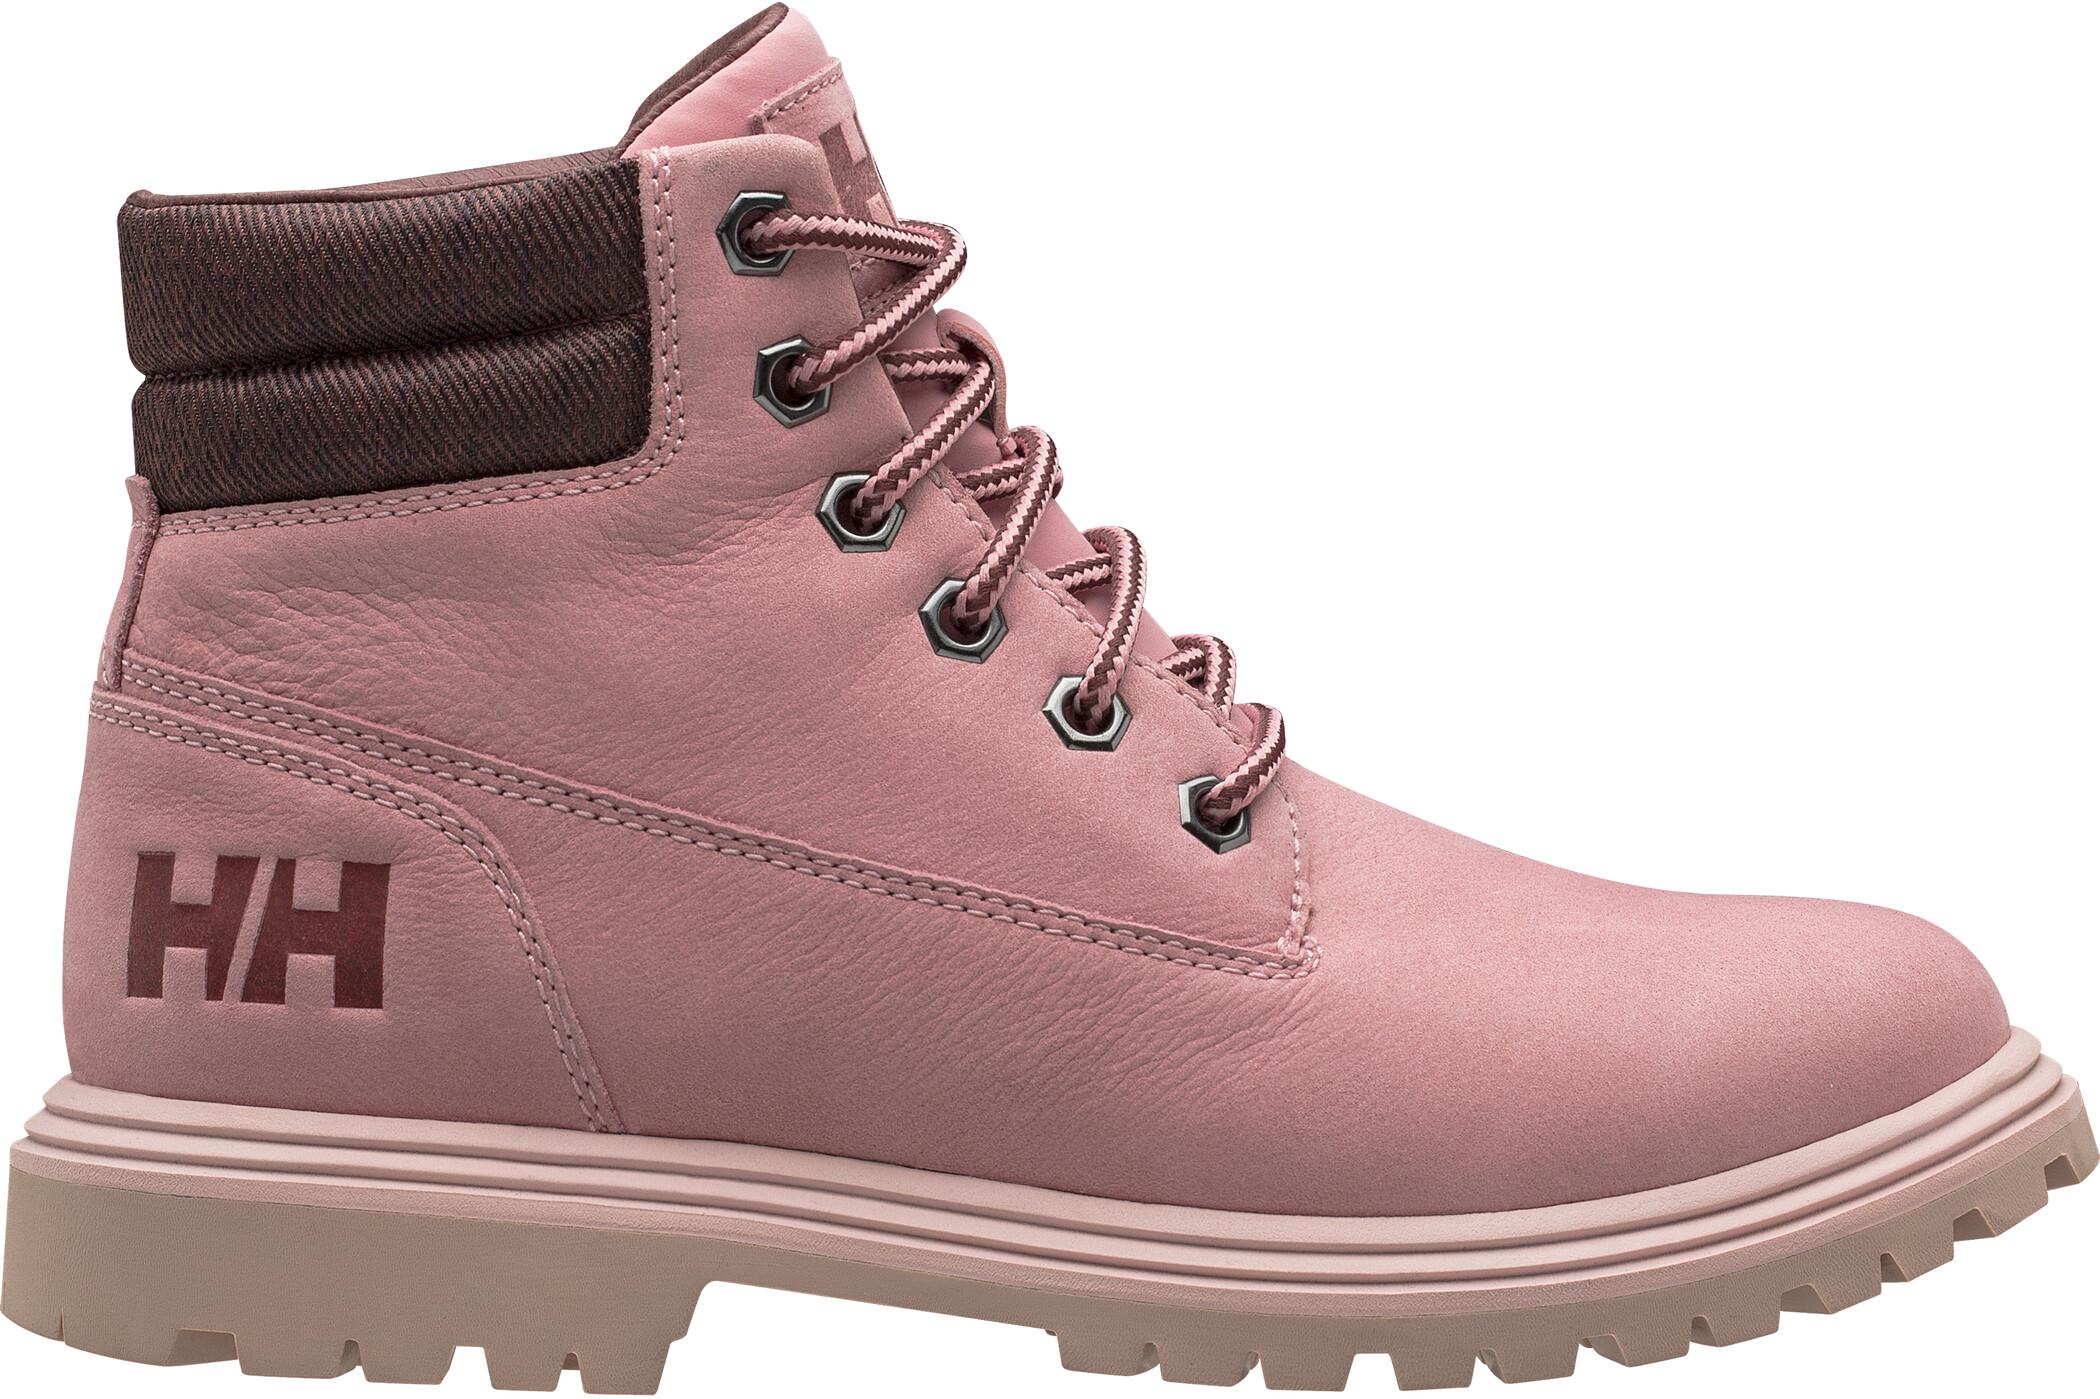 Helly Hansen Fremont Schuhe Damen |